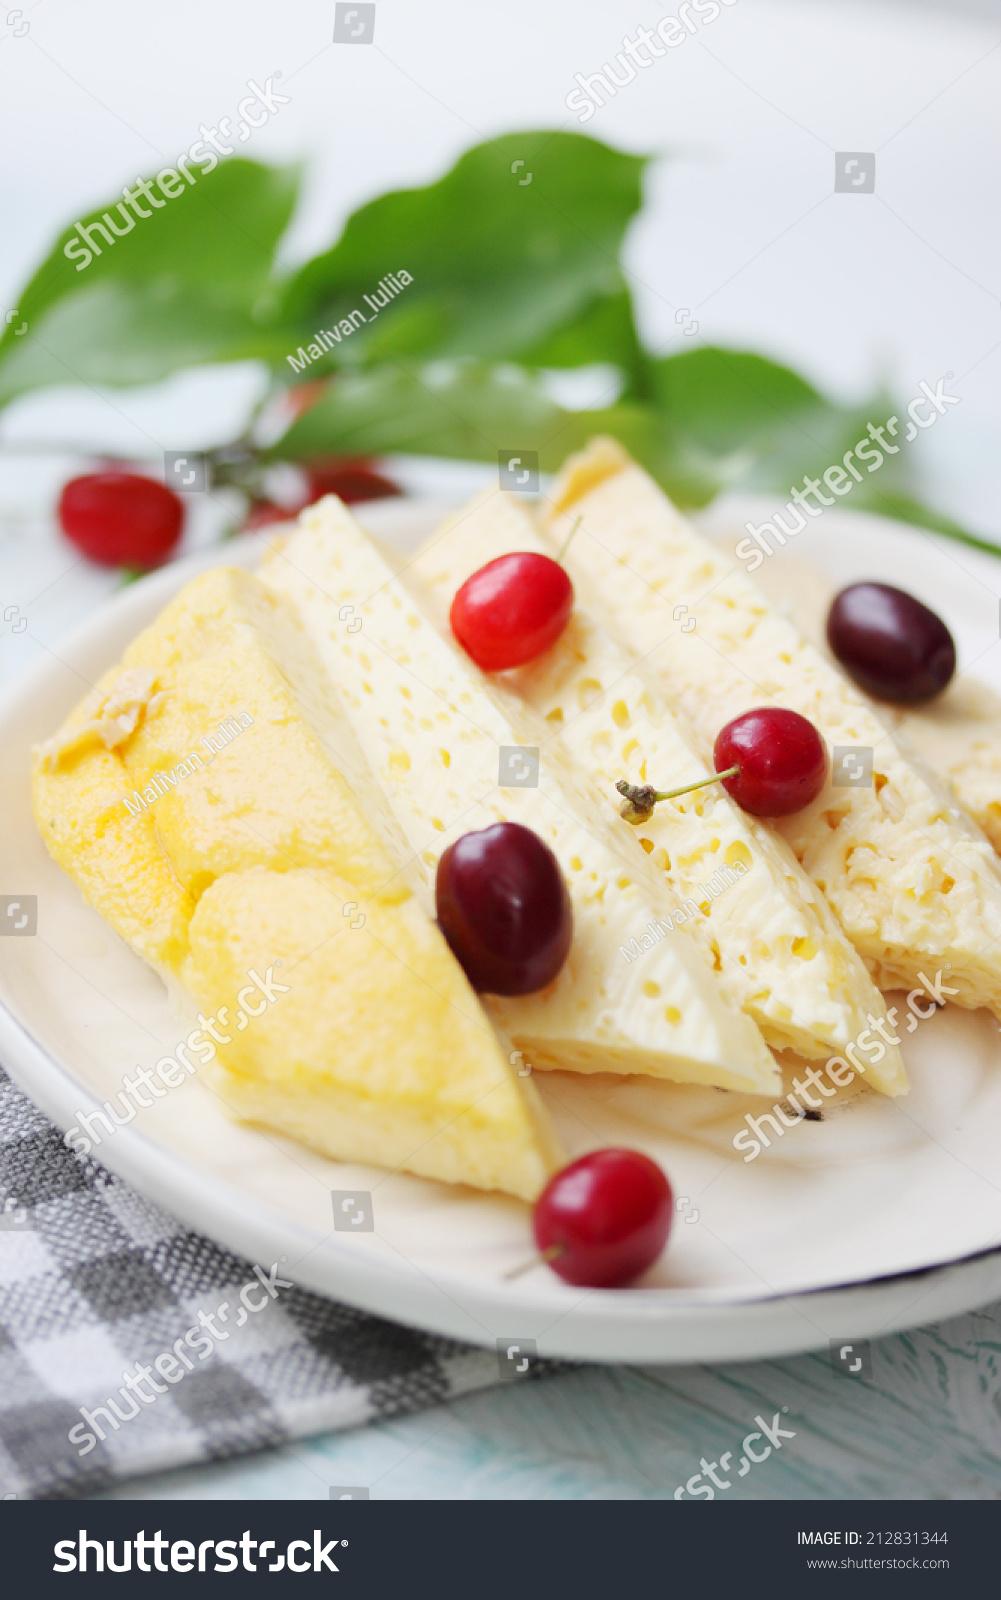 美食甜点.产犊后第一次牛奶-食品及饮料,物体-()